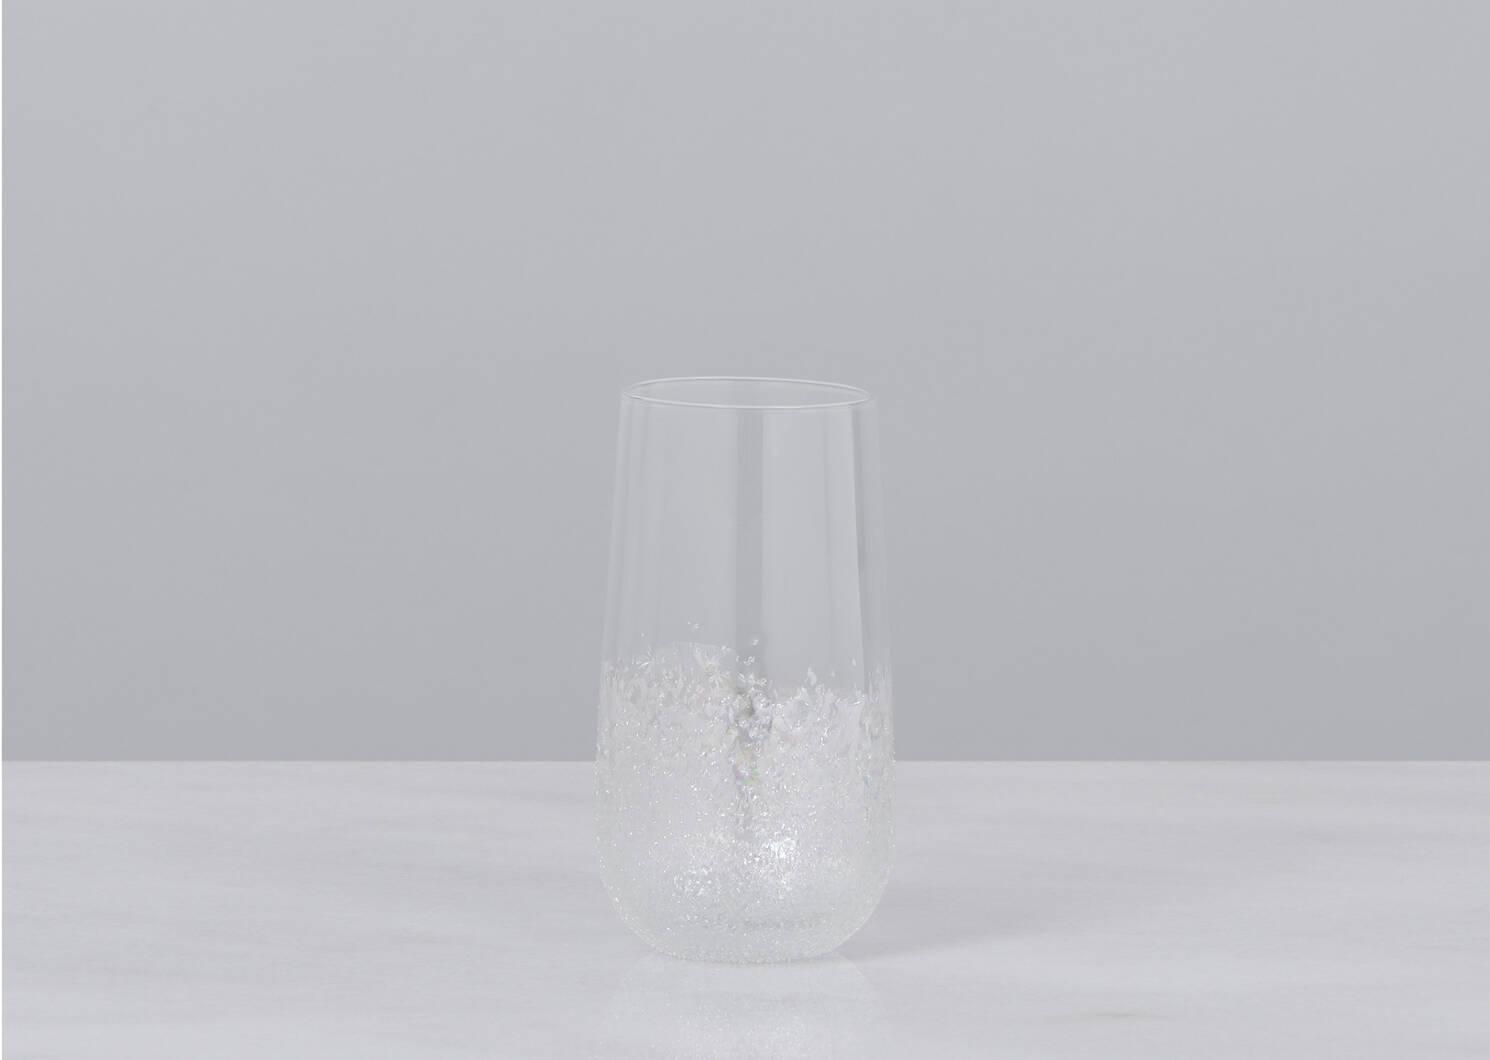 Bliss Highball Glass Iridescent